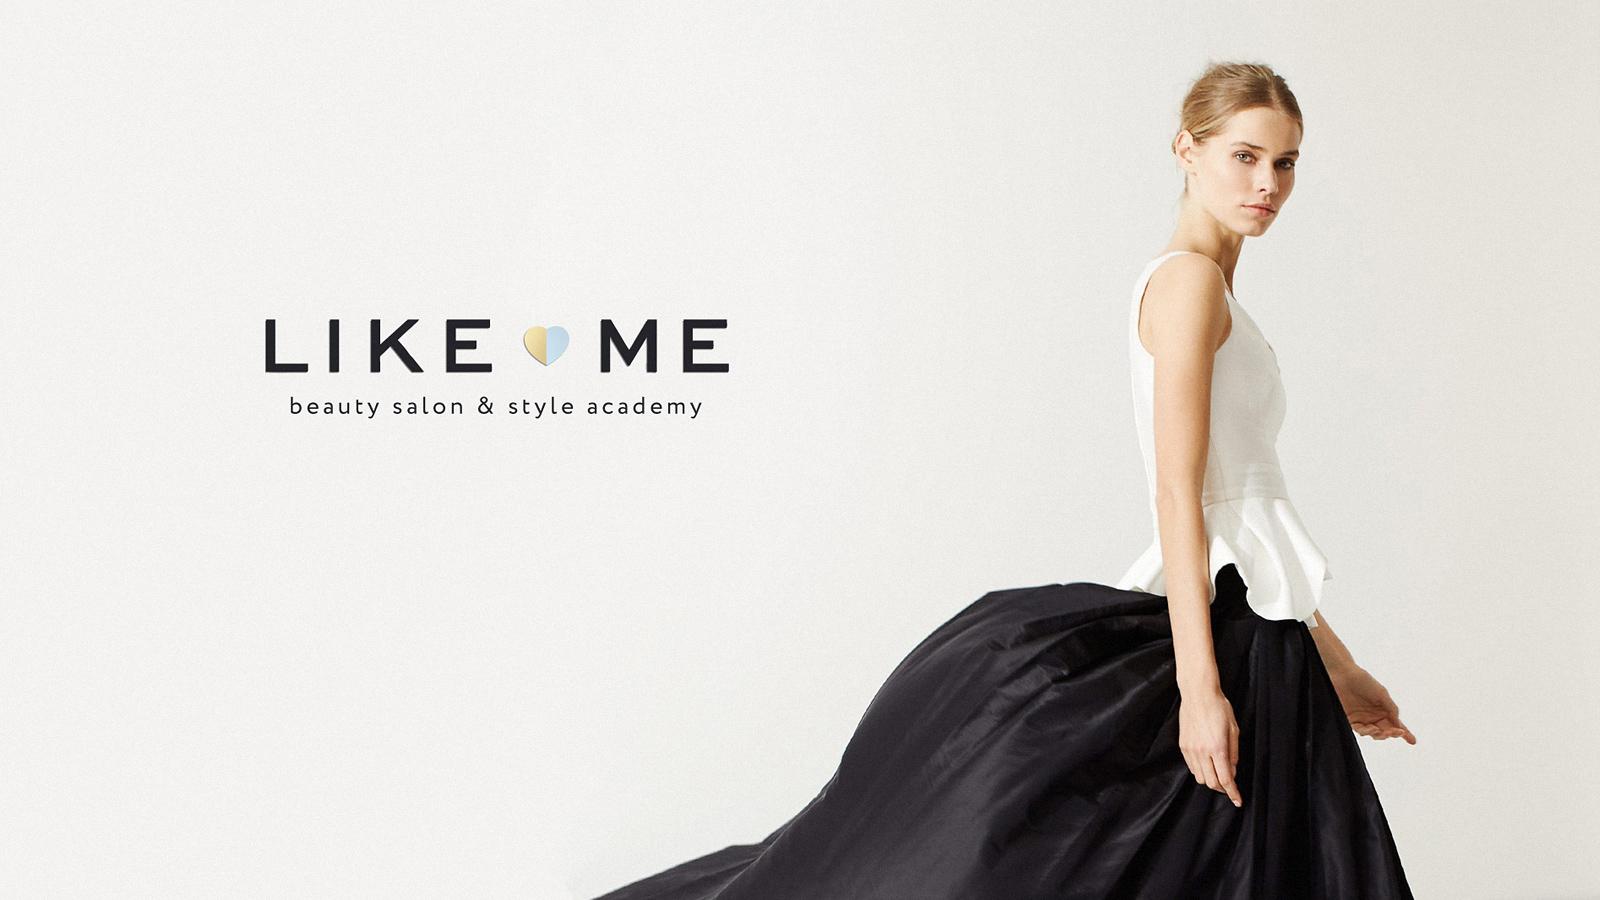 Нейминг салона красоты Like Me: разработка уникального правоохранного названия для авторского салона красоты Виктории Бурчаковой.